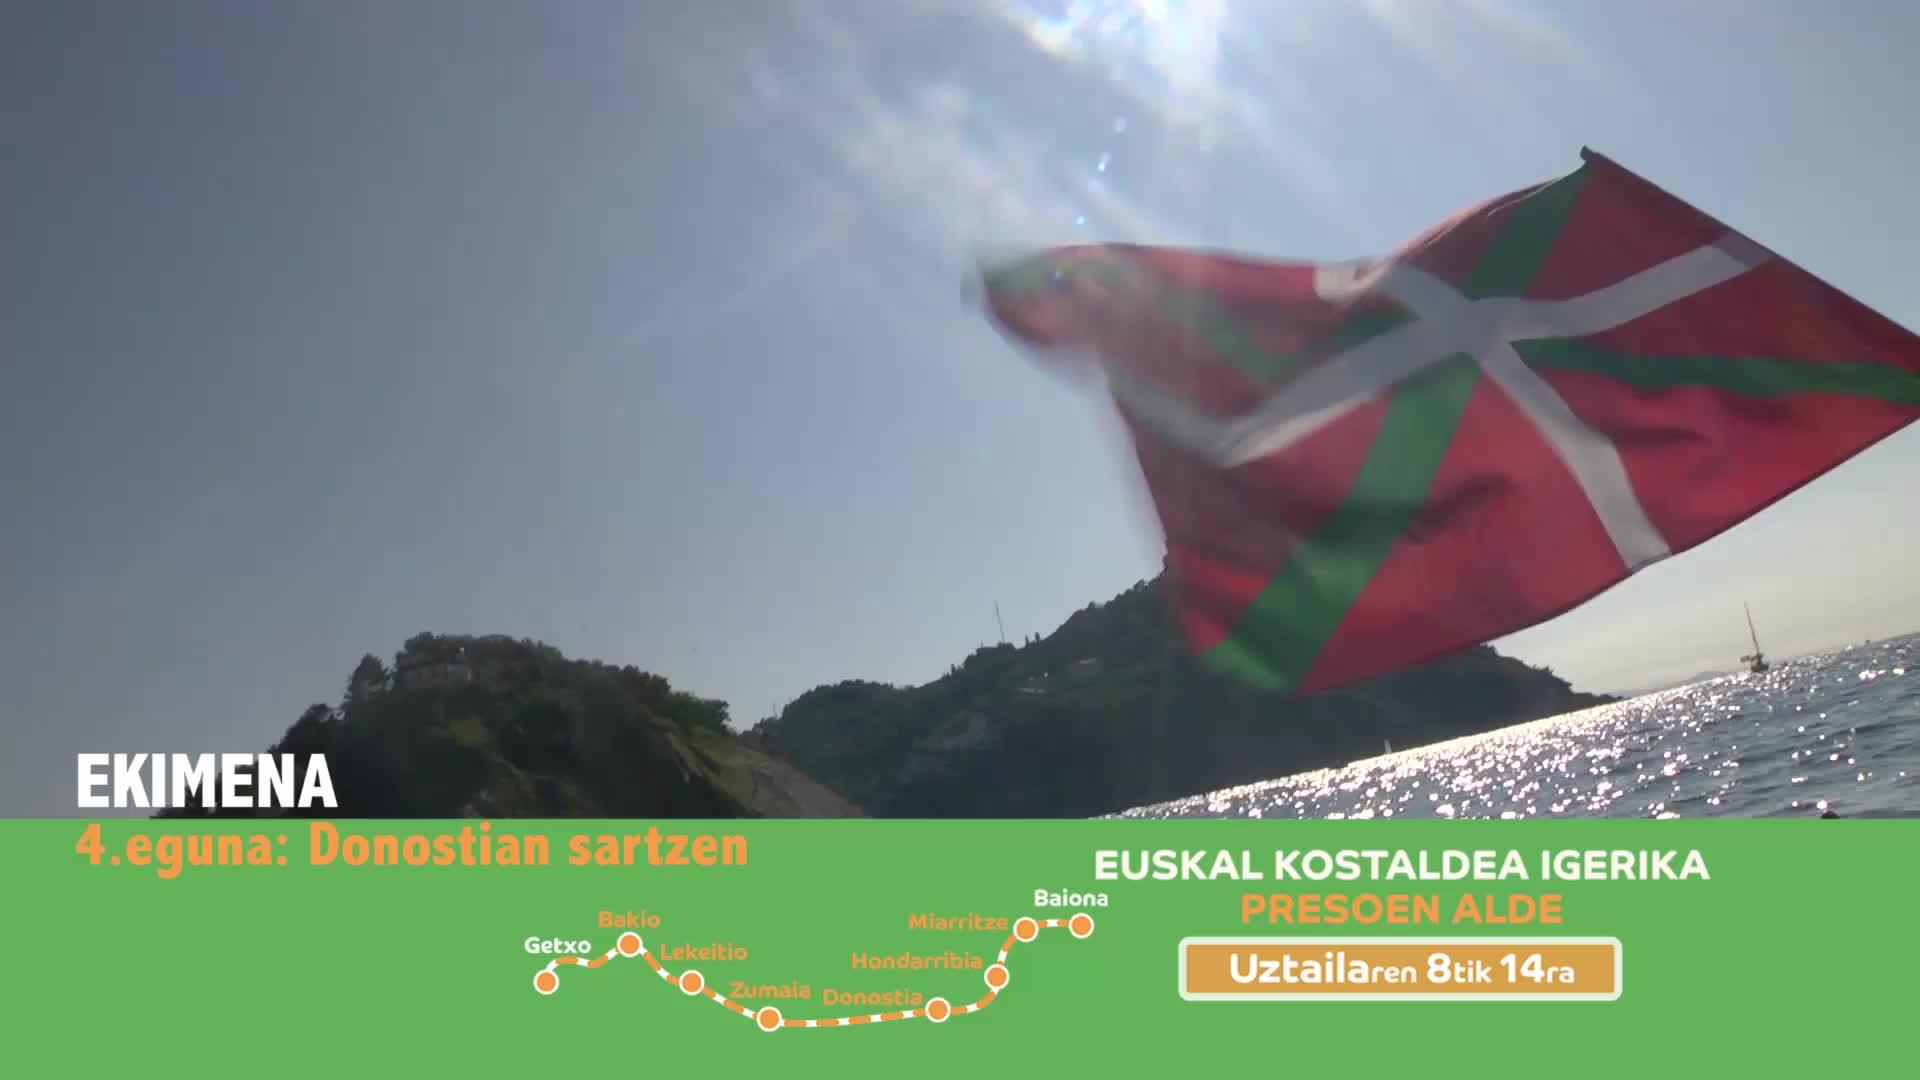 EKIMENA 4.eguna: Donostiako portuan sartzen